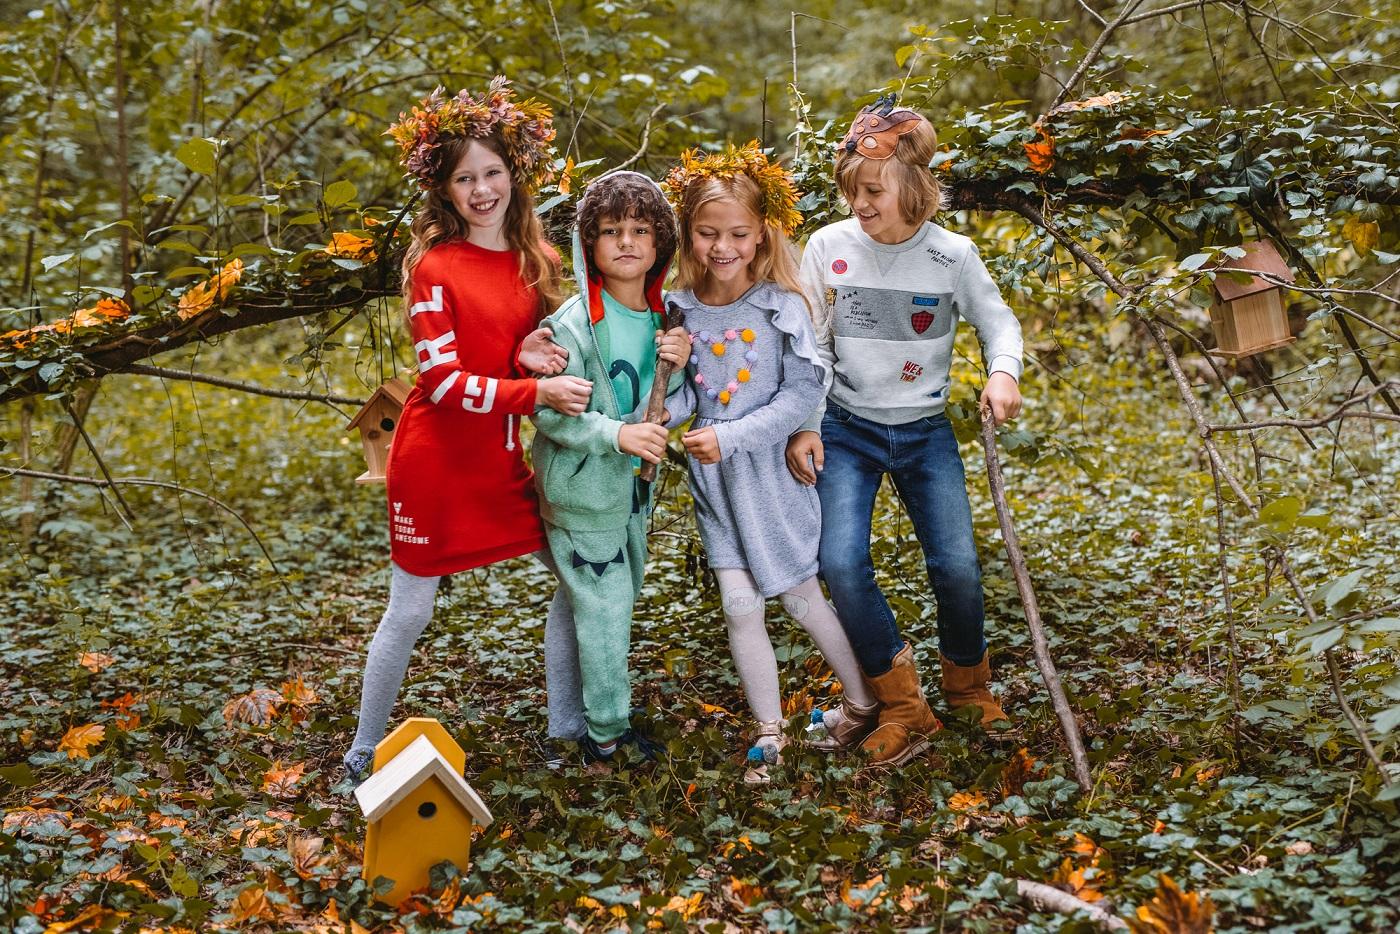 Jesienna kolekcja ubrań 5.10.15 ubranka dla dziewczynek ubranka dla chłopców